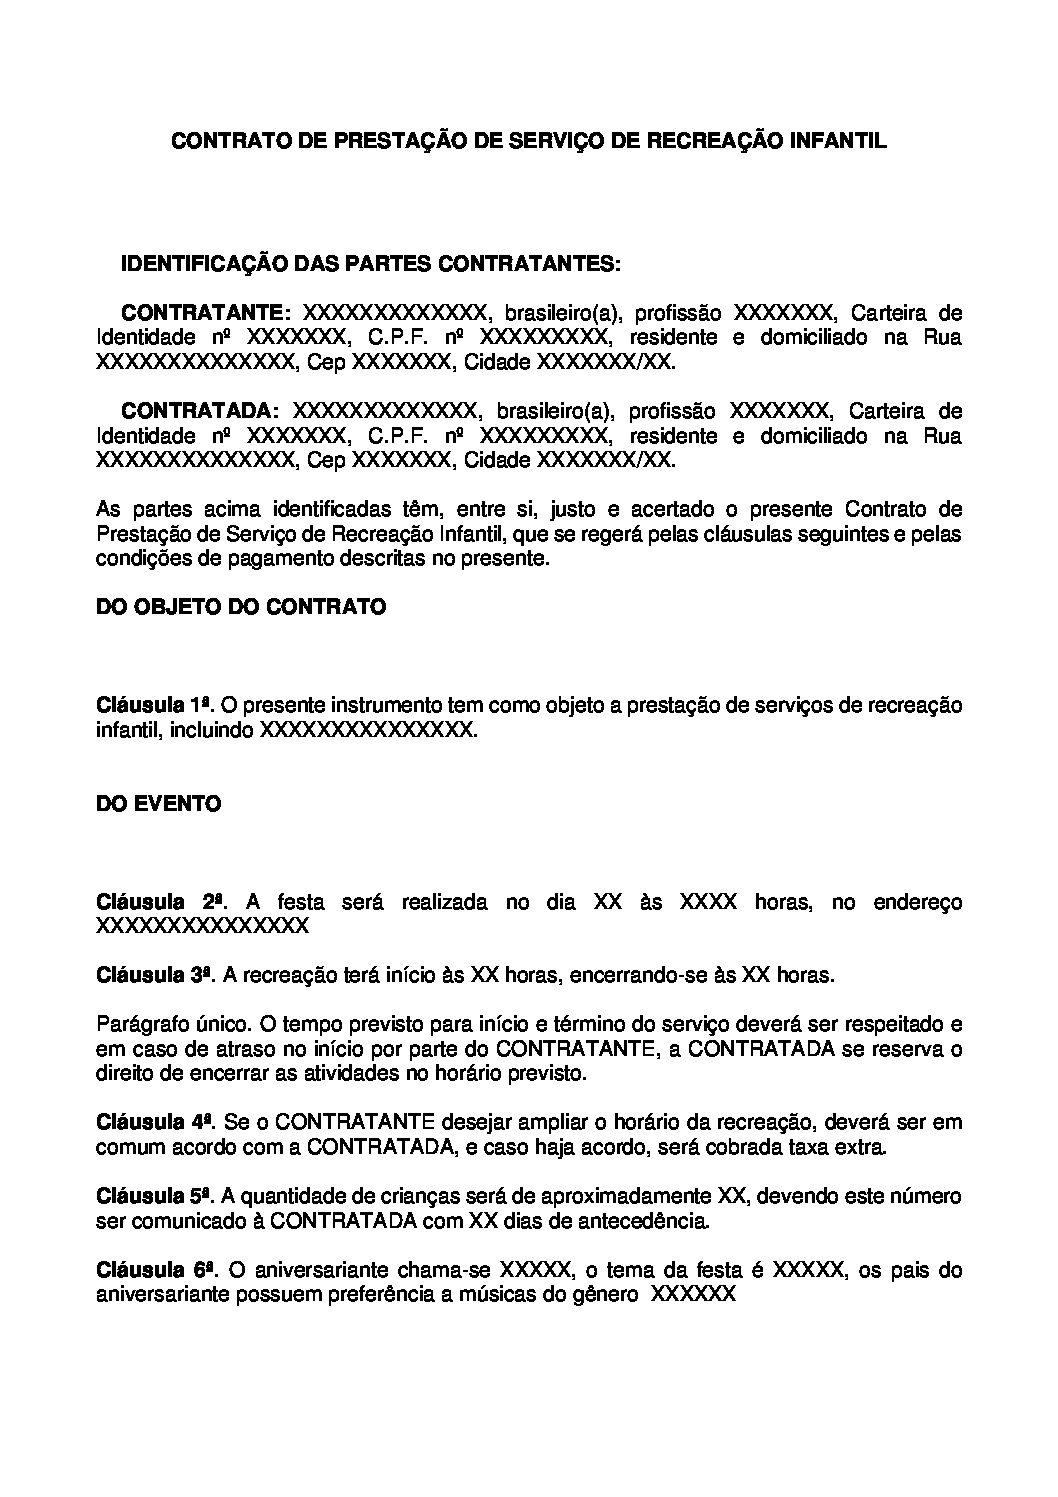 Contrato de Prestação de Serviço de Recreação Infantil